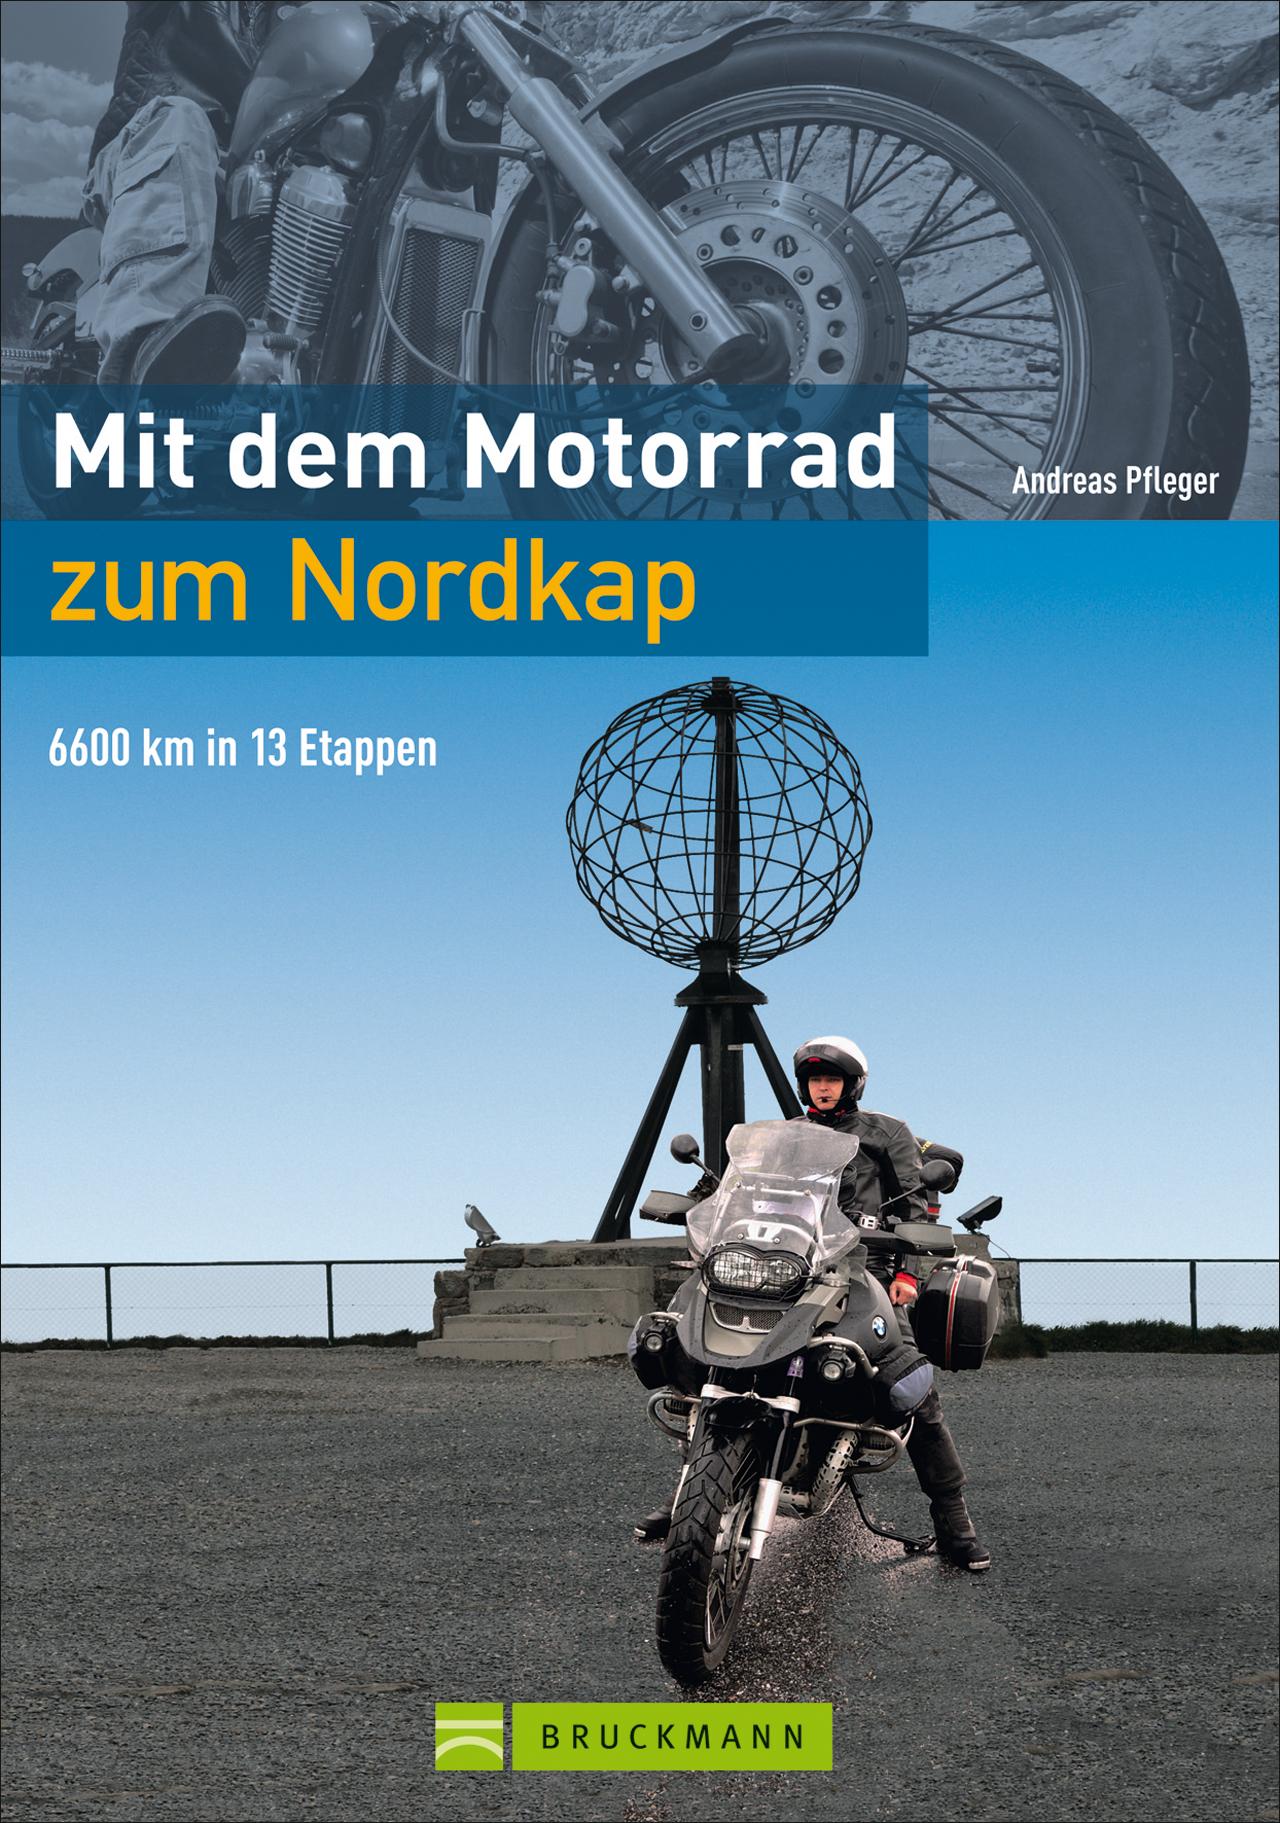 Mit dem Motorrad zum Nordkap: Tourenführer von Hamburg an der norwegischen Küste entlang über die Lofoten zum Nordkap un